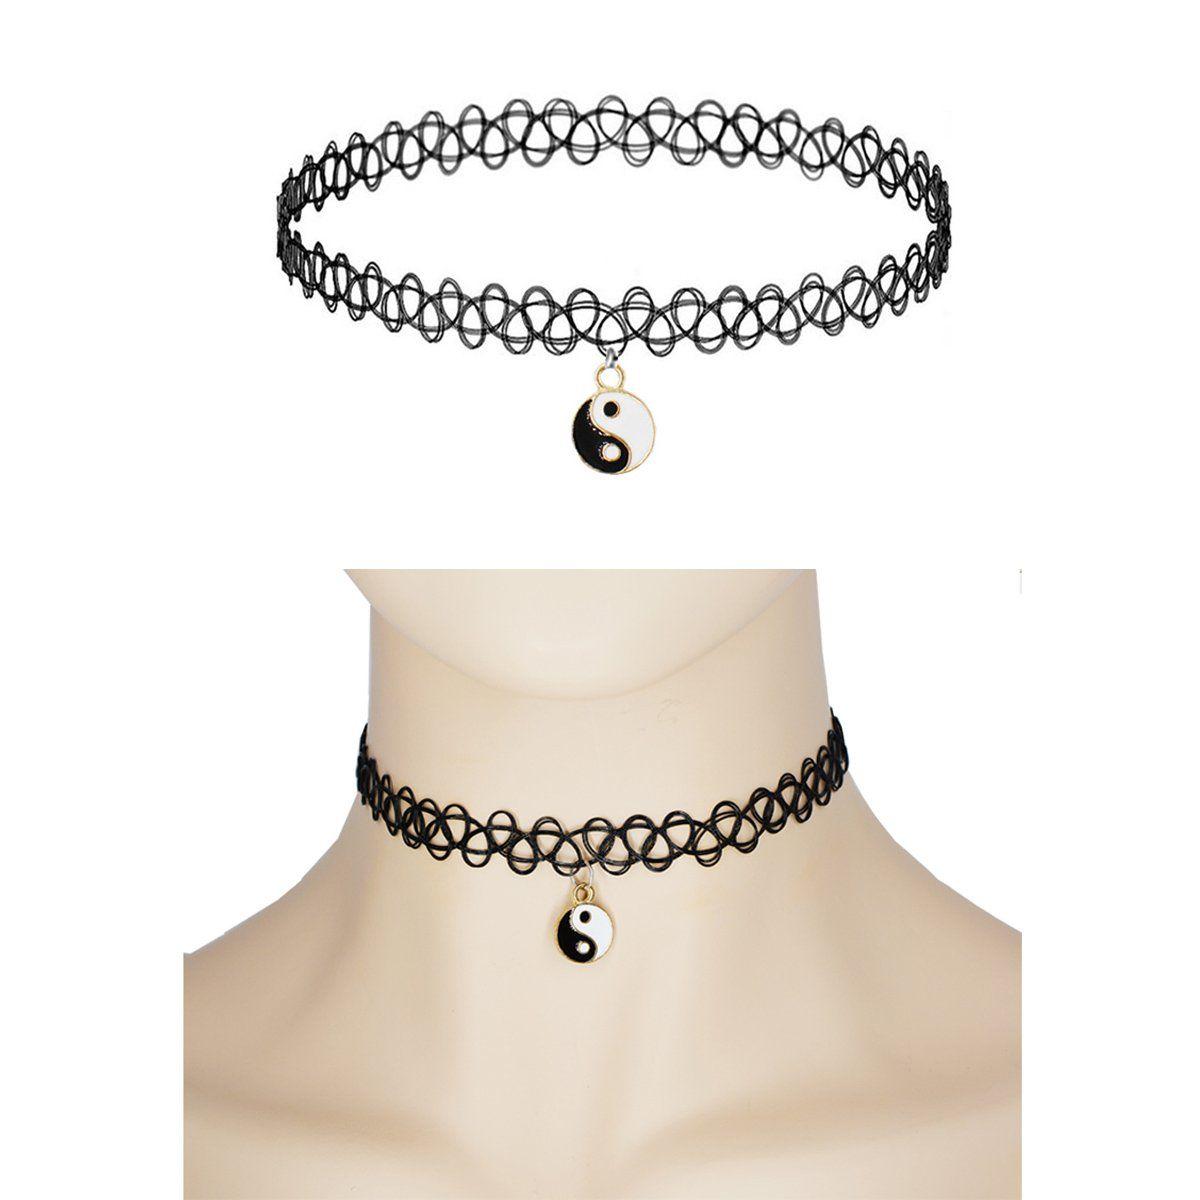 Prohouse pcs gothic womens rubber pendant necklace chain double